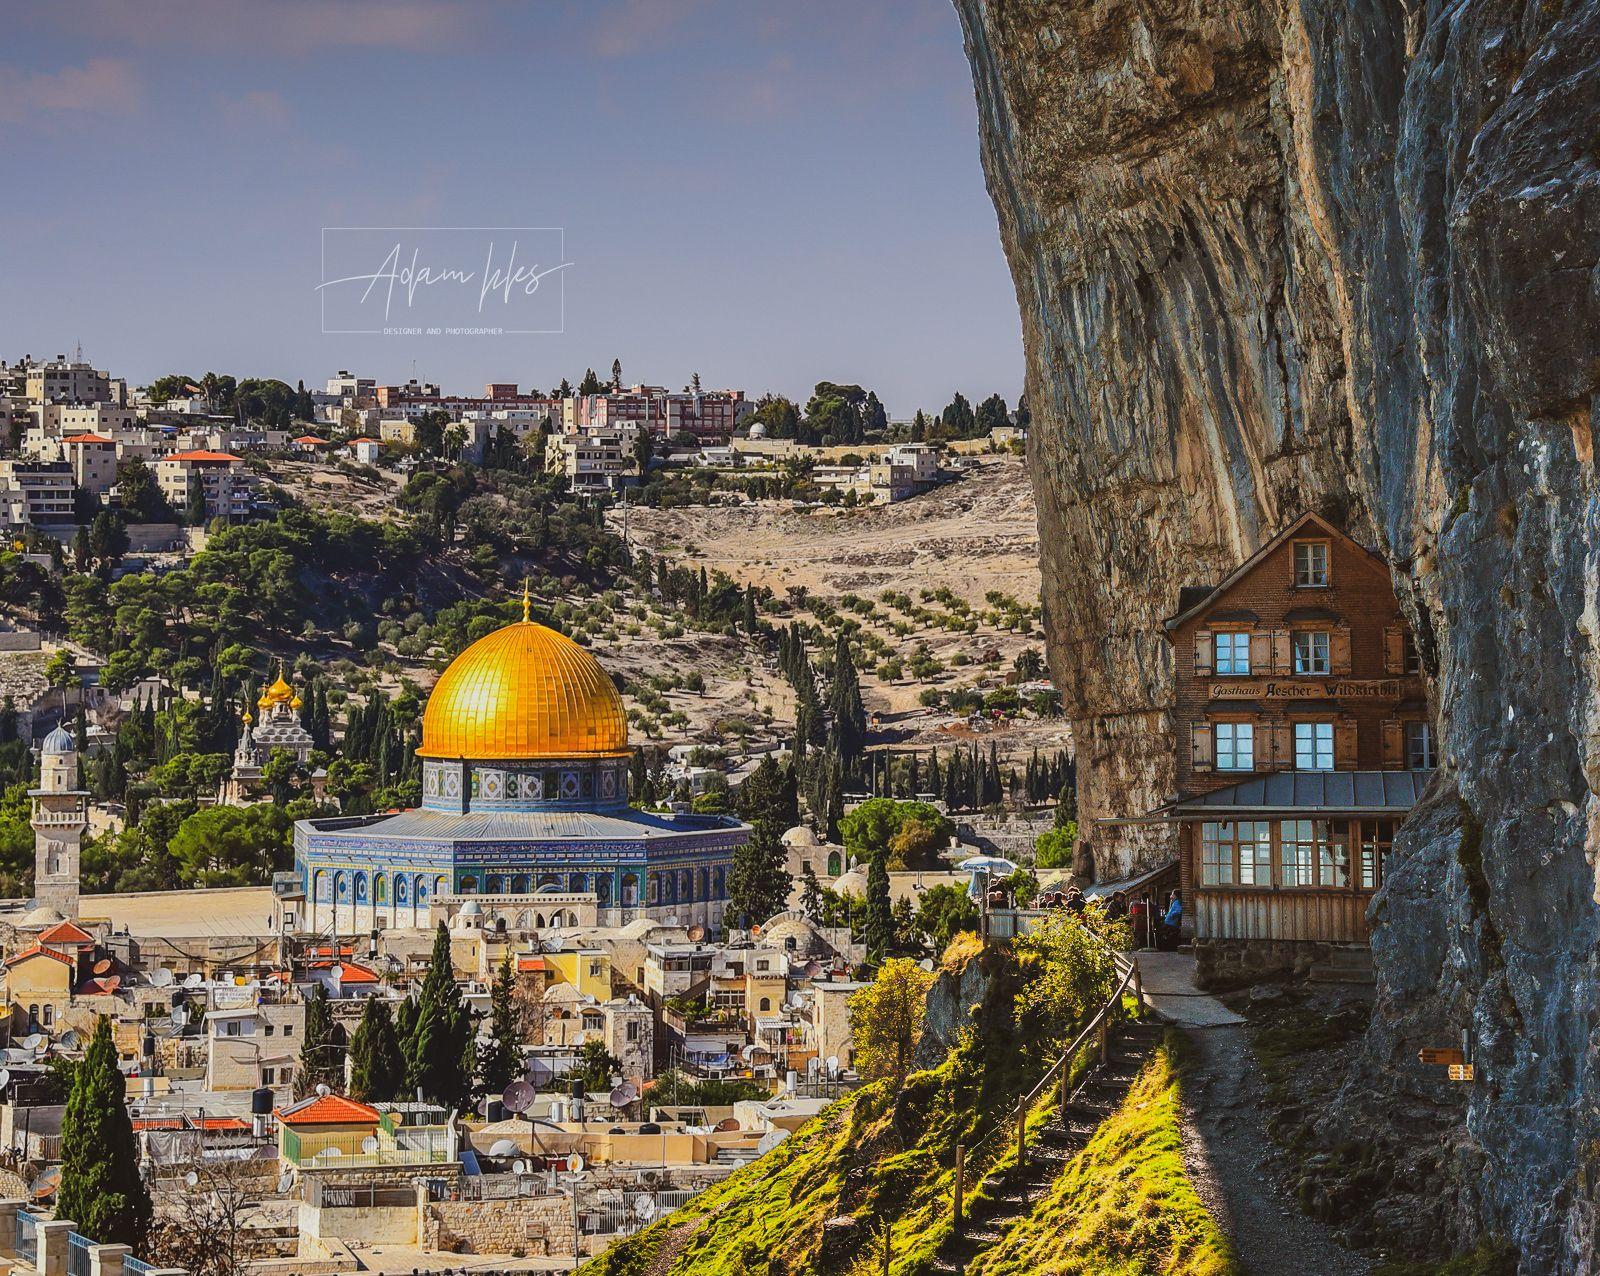 خلفية رائعة من اجمل خلفيات القدس صور القدس بدقة عالية قبة الصخرة In 2021 Fairy Wallpaper Taj Mahal Wallpaper